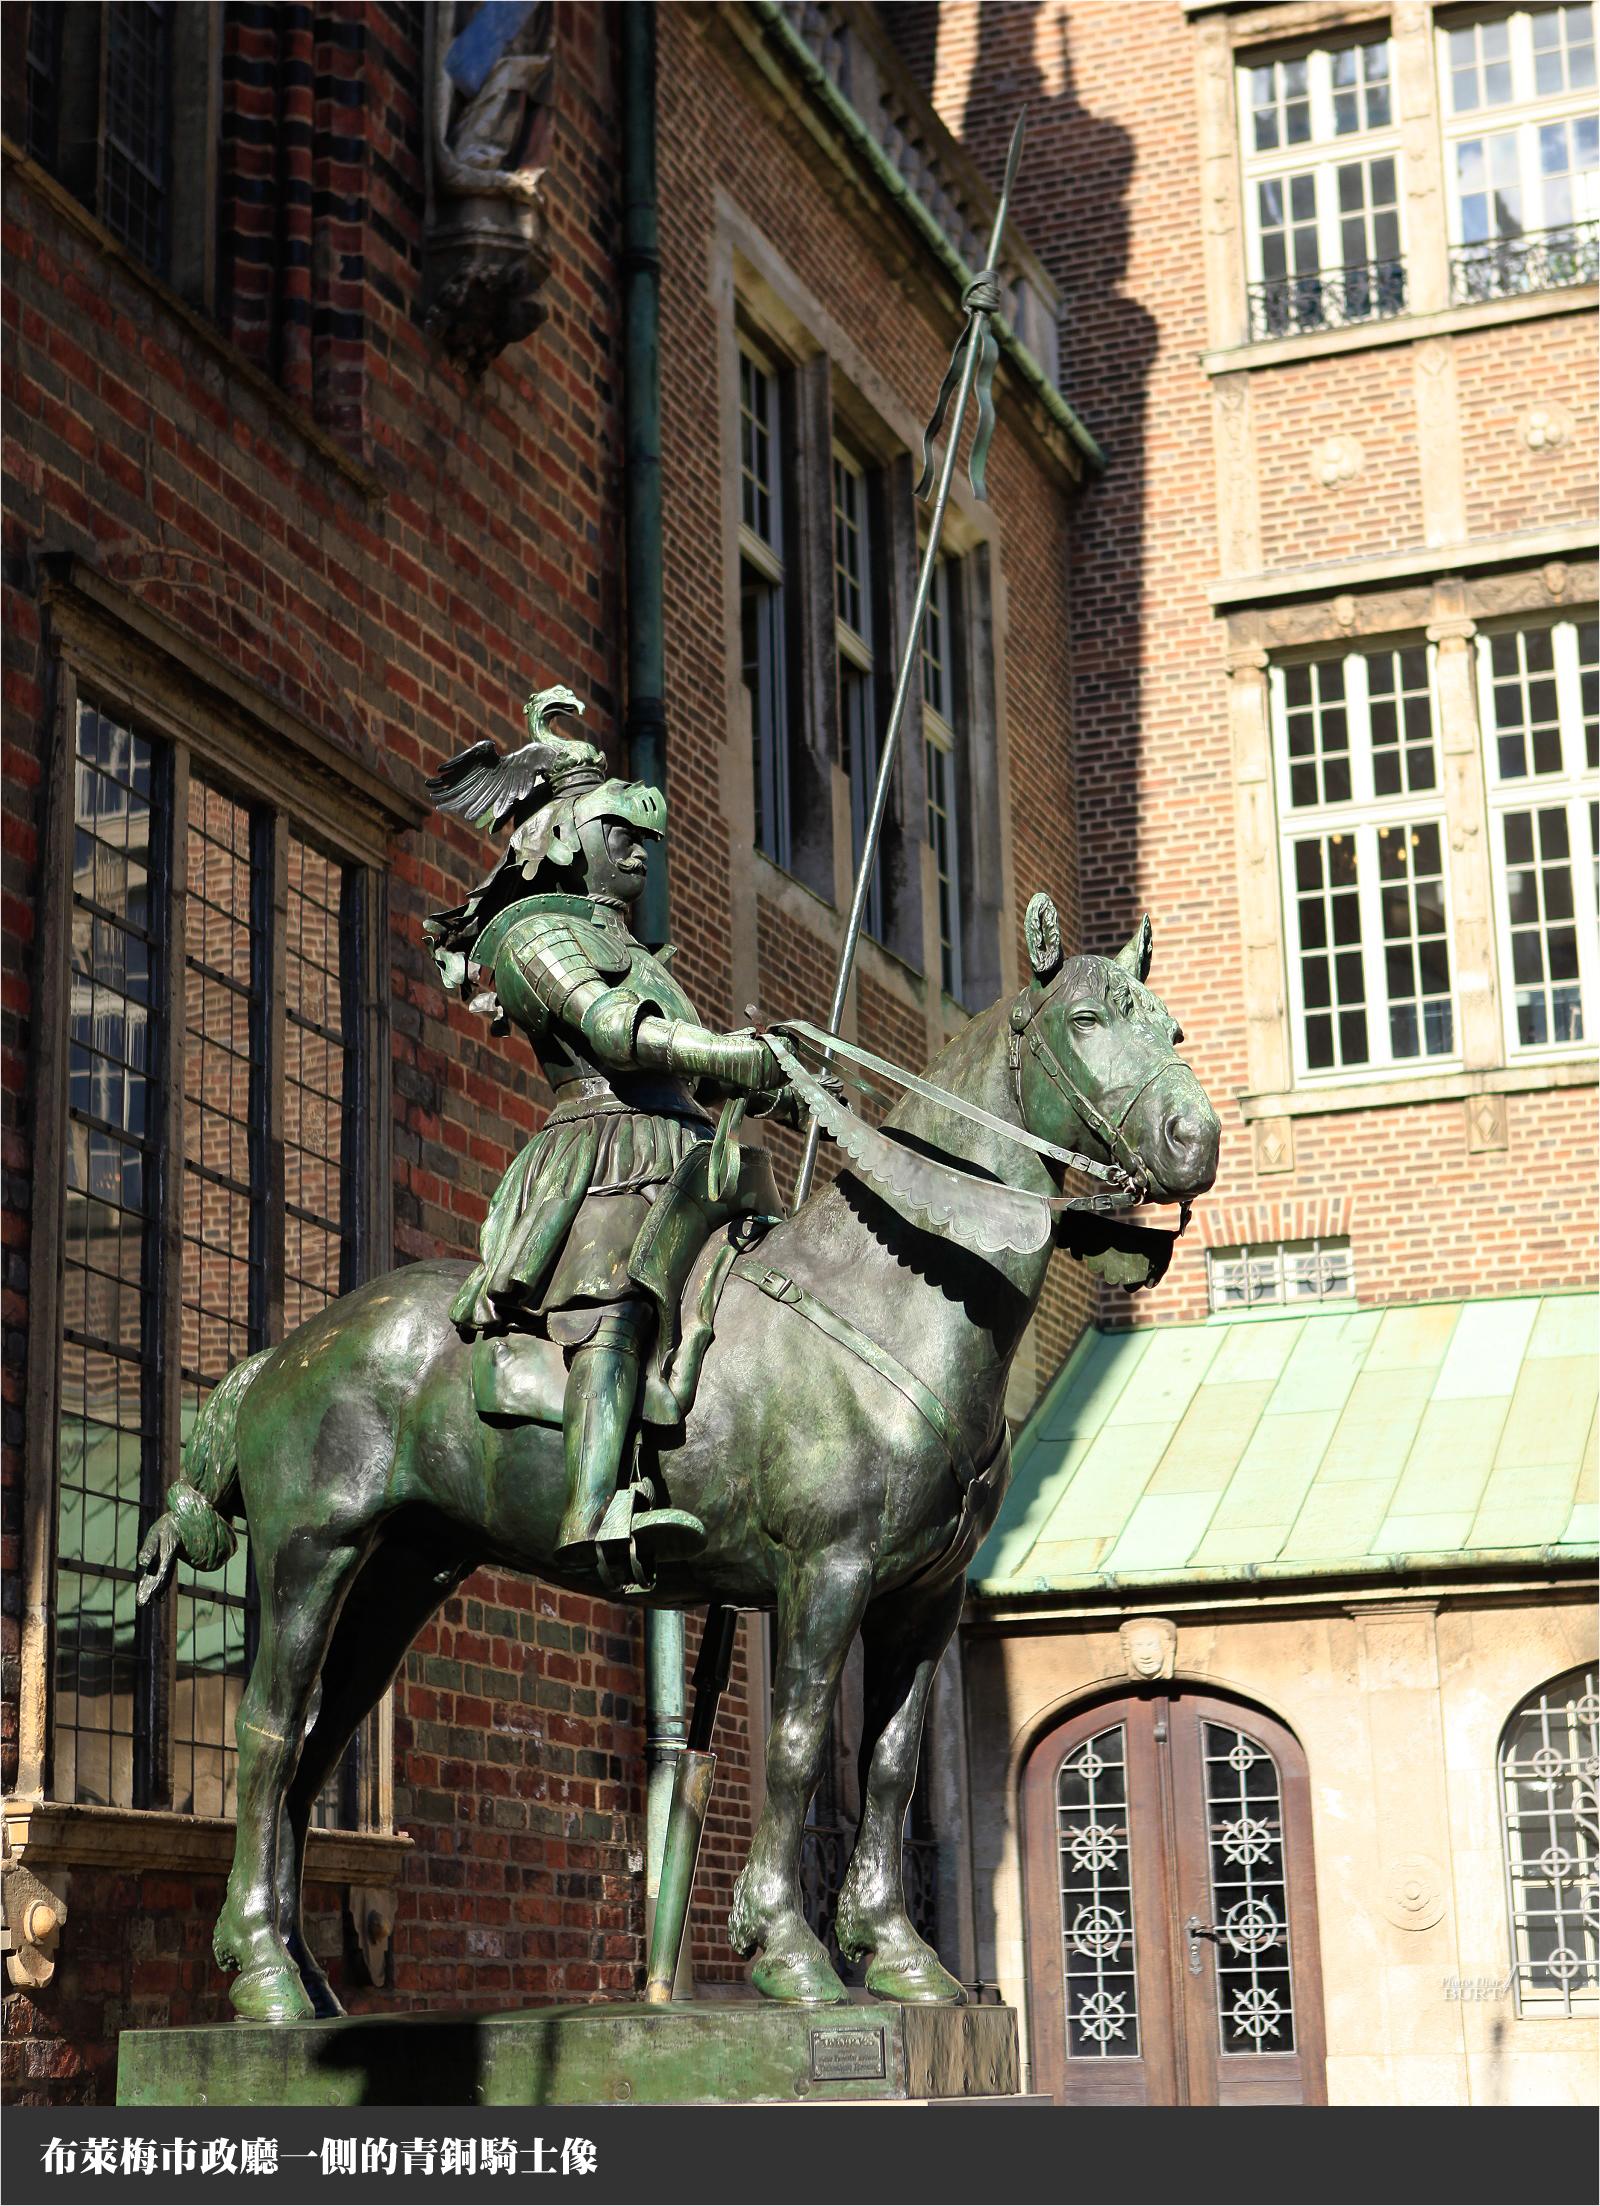 布萊梅市政廳一側的青銅騎士像